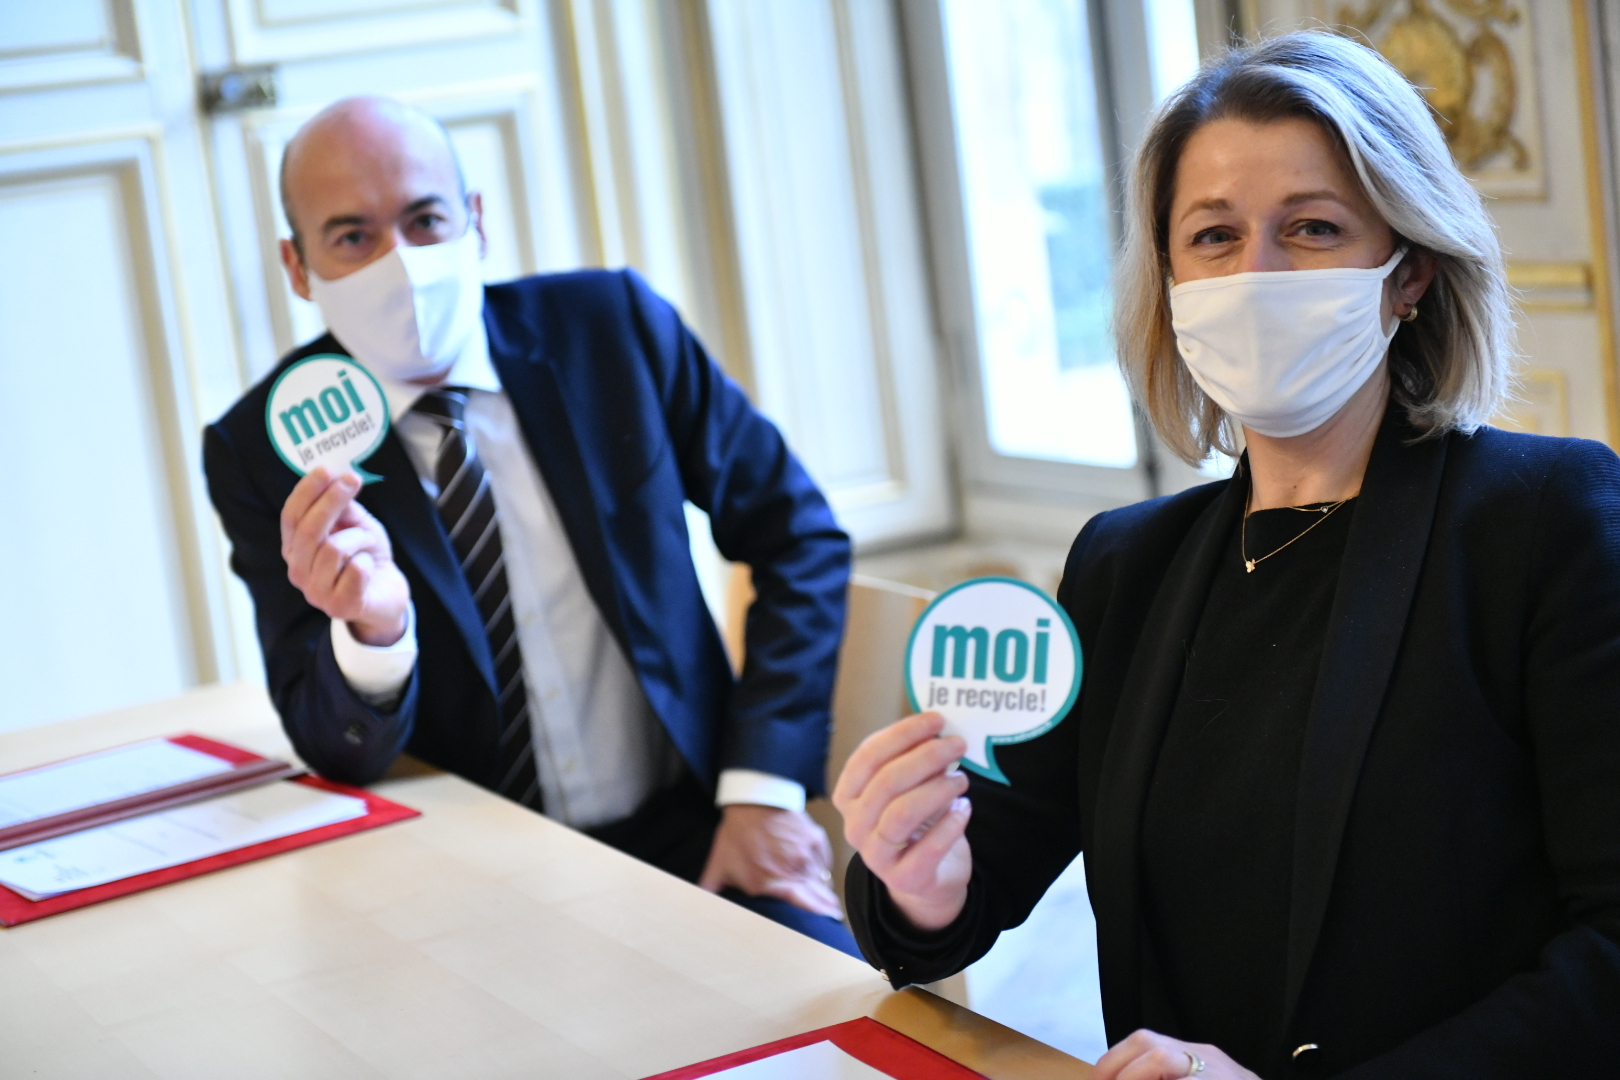 Signature de la prorogation de l'accord-cadre le 15 janvier 2021 entre Christophe Grison, président d'Adivalor, et  Barbara Pompili, ministre de la Transition écologique